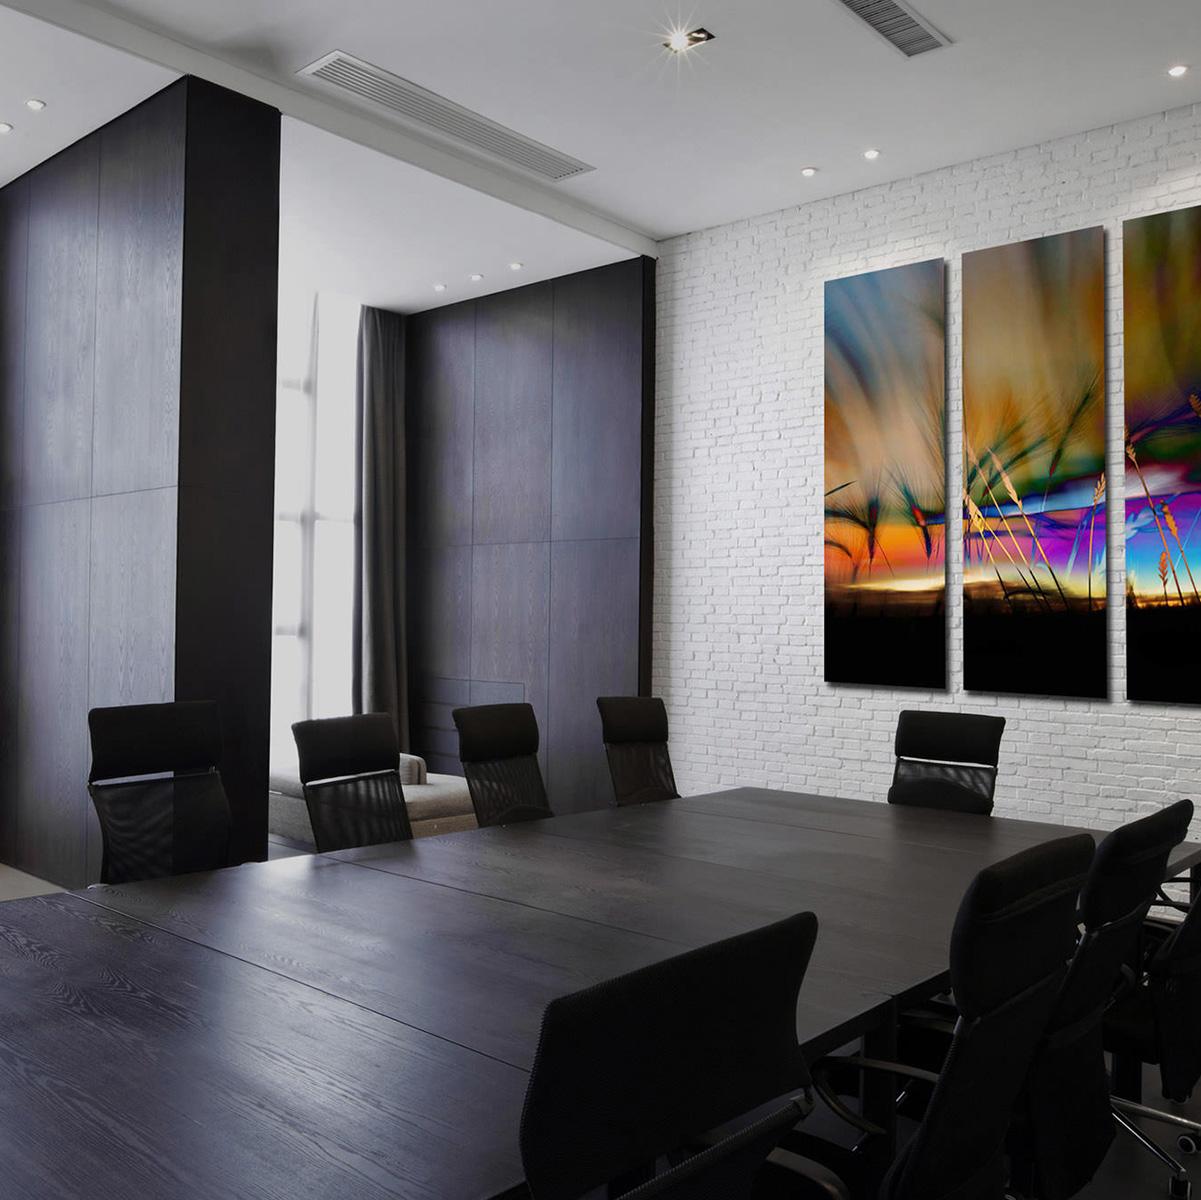 картинки в офис на стену кирпича